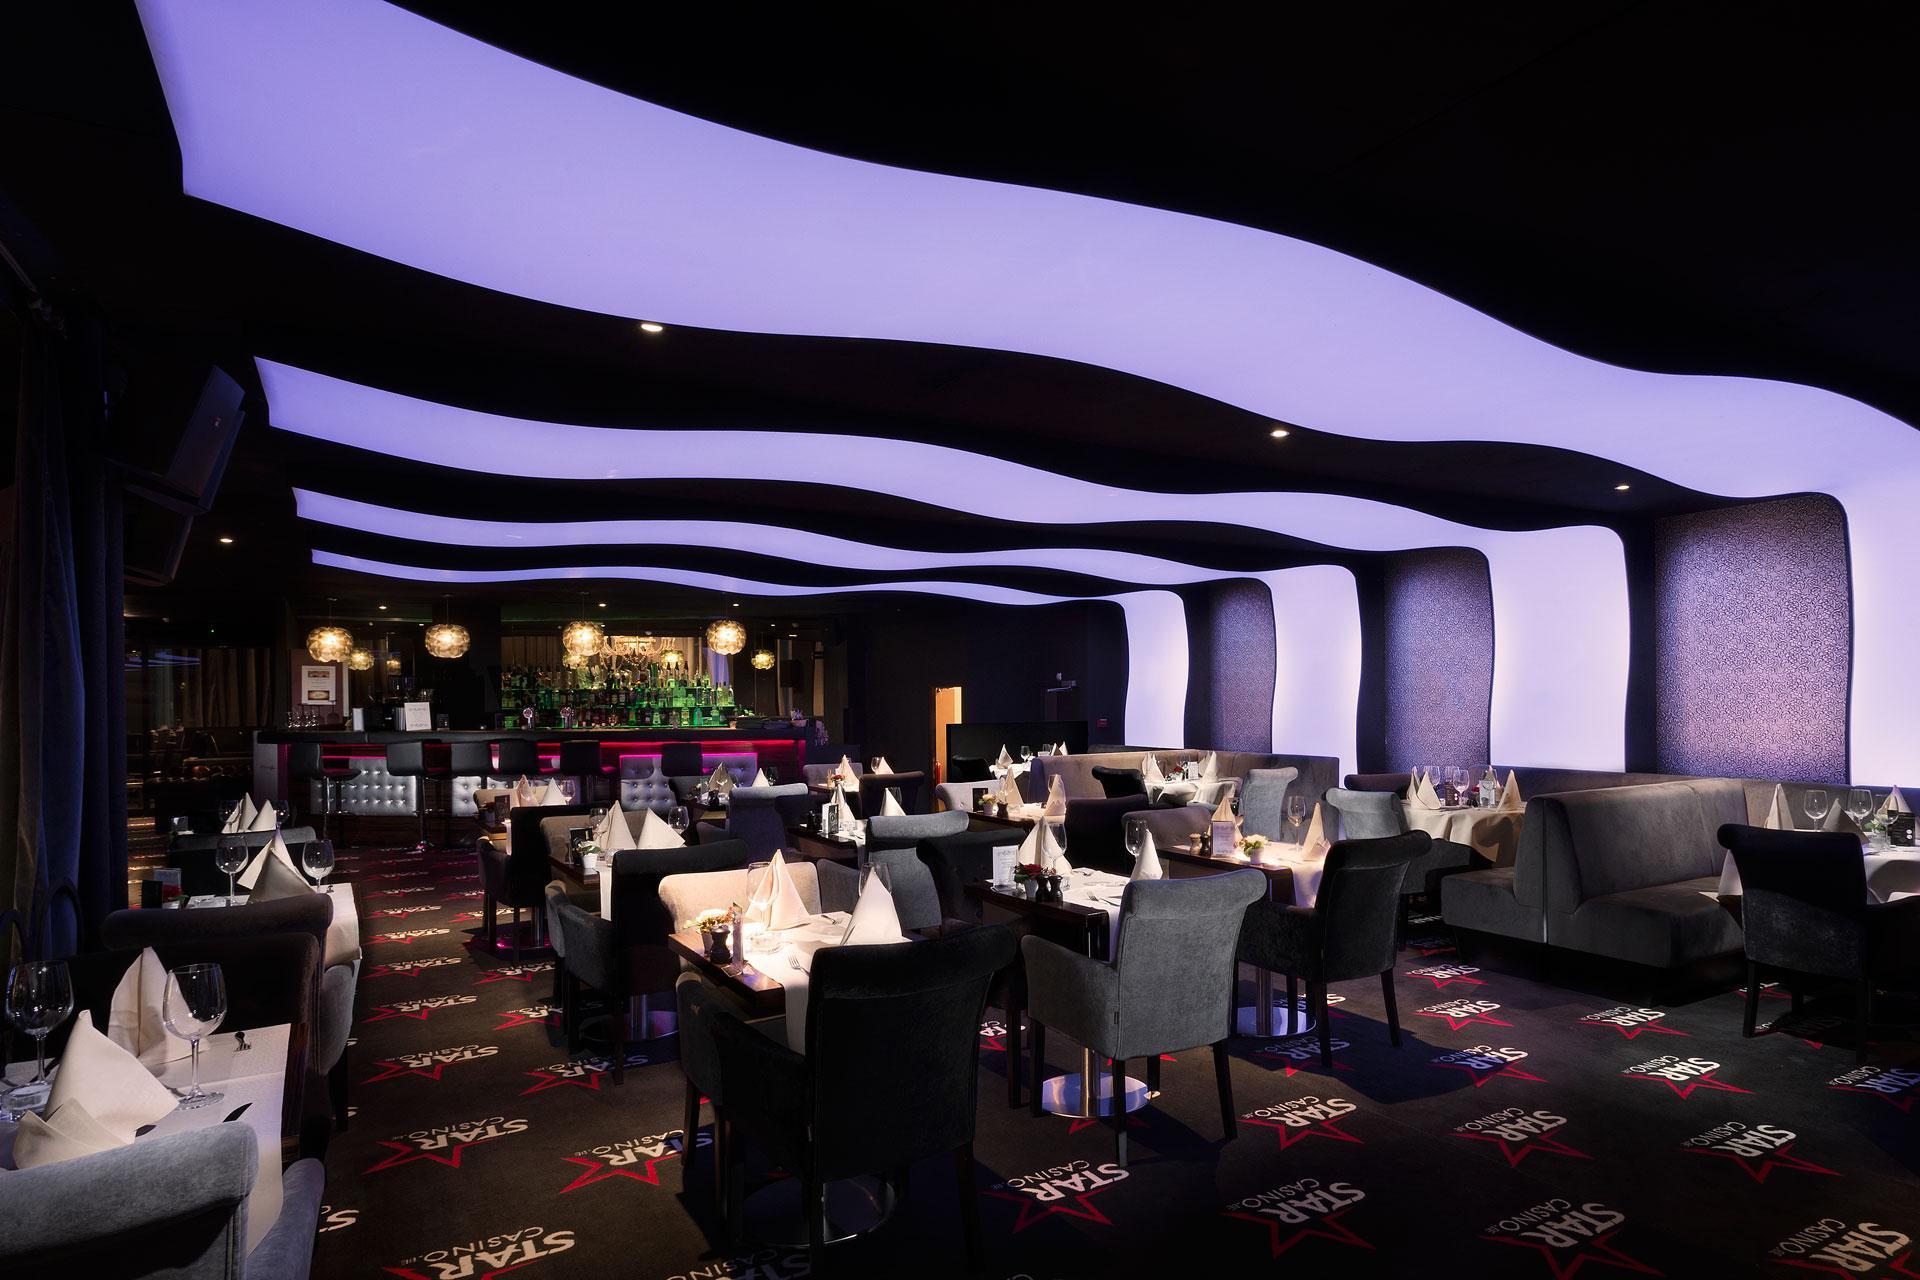 Casino chaudfontainebar